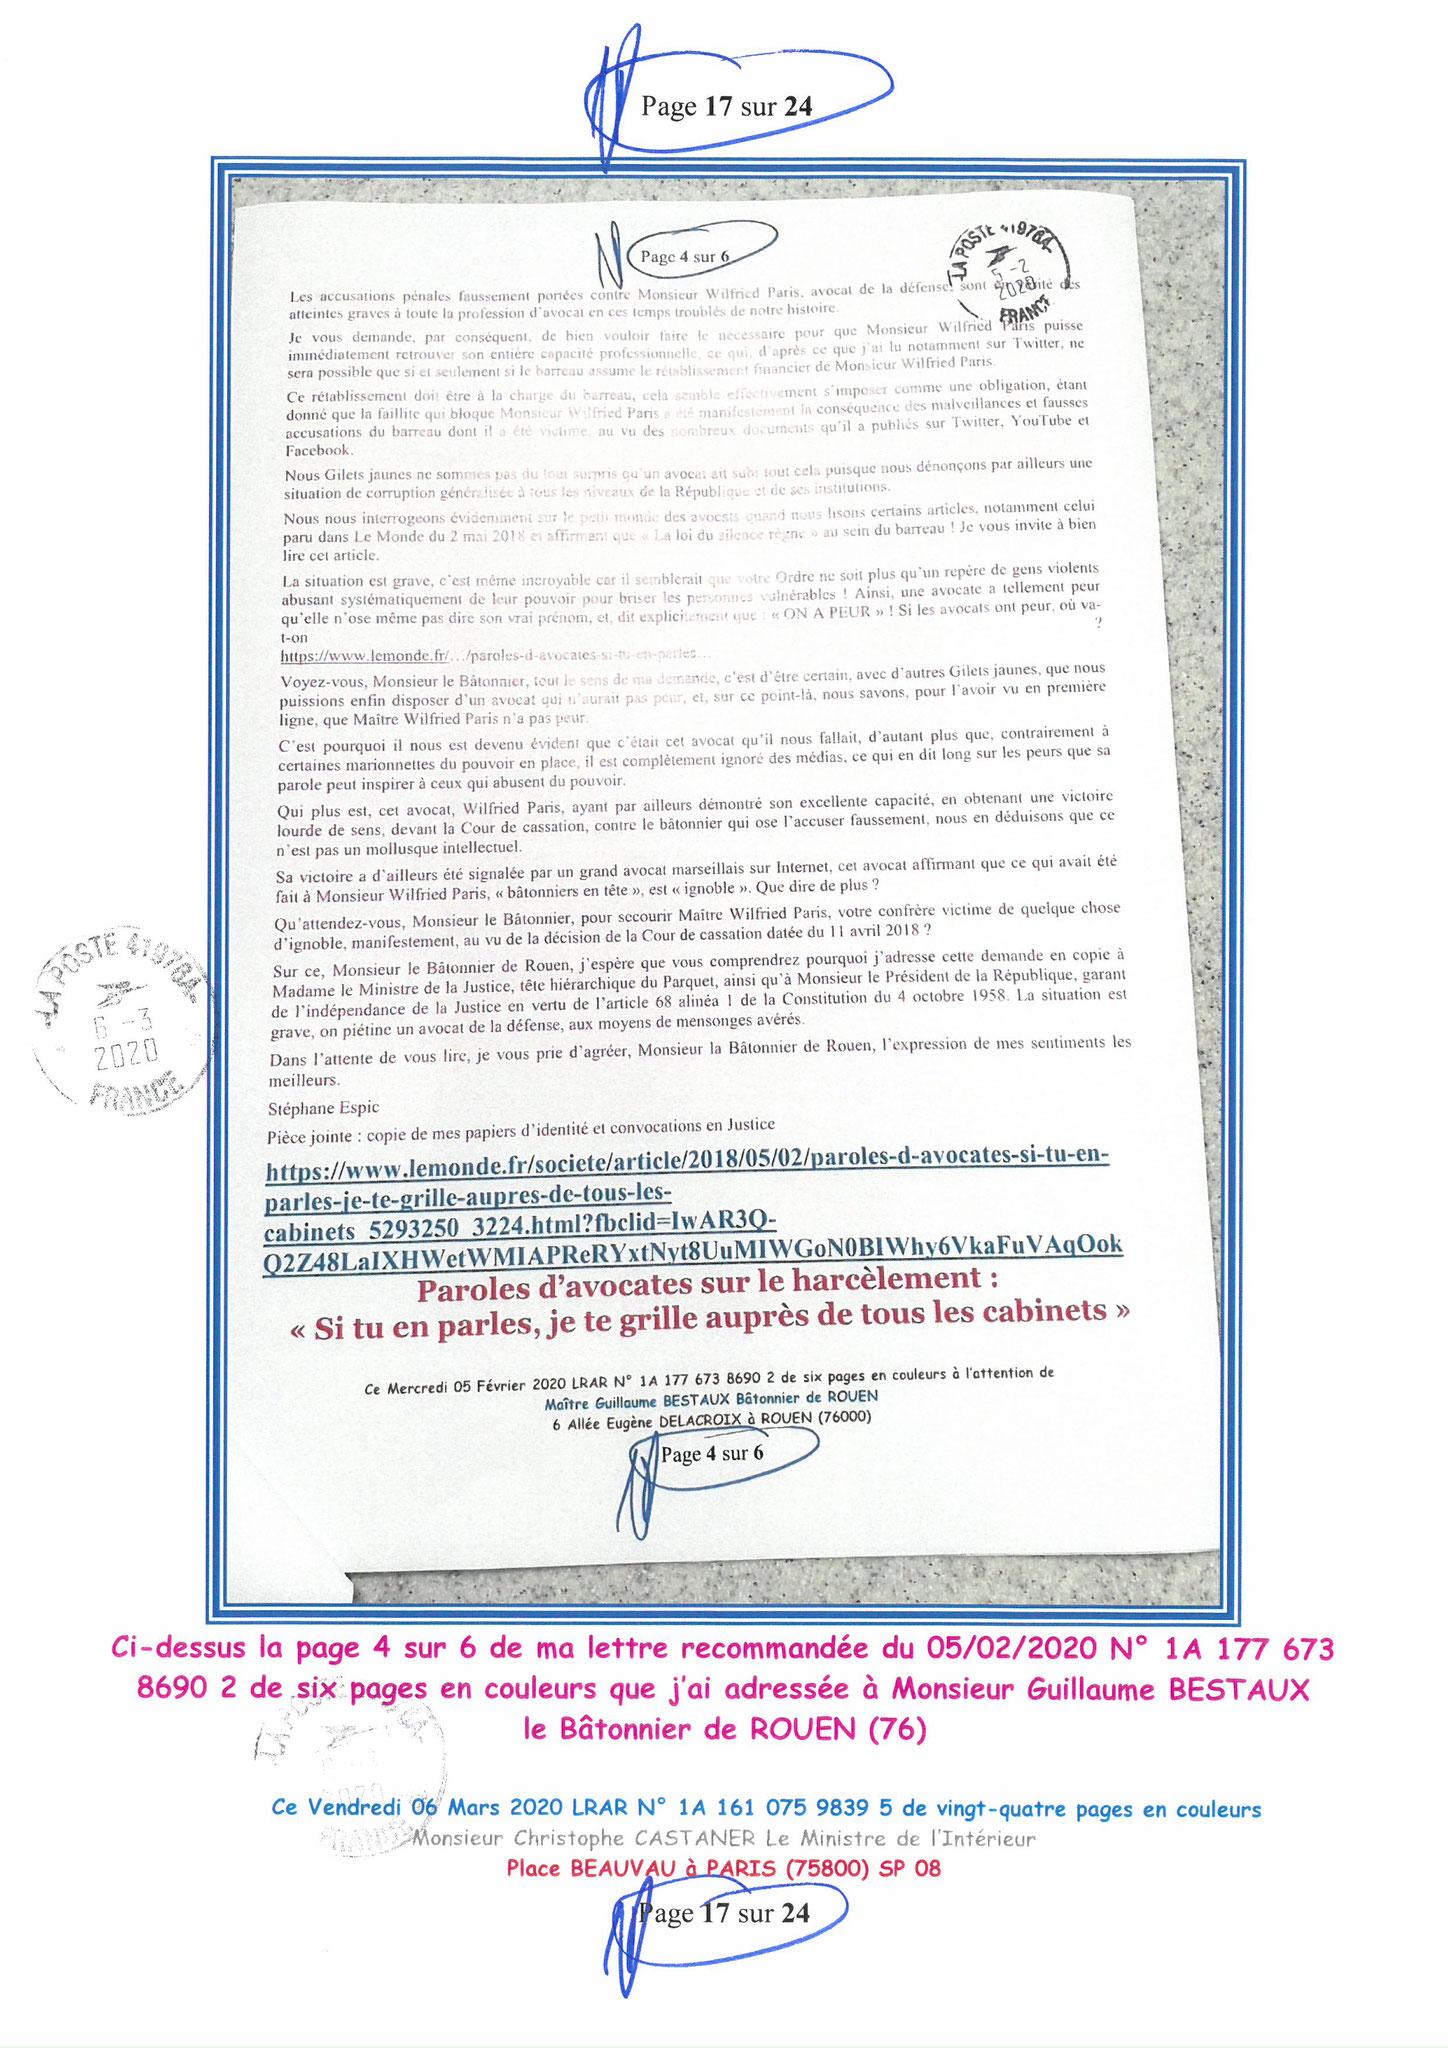 Ma LRAR à Monsieur le Ministre de l'Intérieur Christophe CASTANER N°1A 161 075 9839 5  Page 17 sur 24 en couleur du 06 Mars 2020  www.jesuispatrick.fr www.jesuisvictime.fr www.alerte-rouge-france.fr